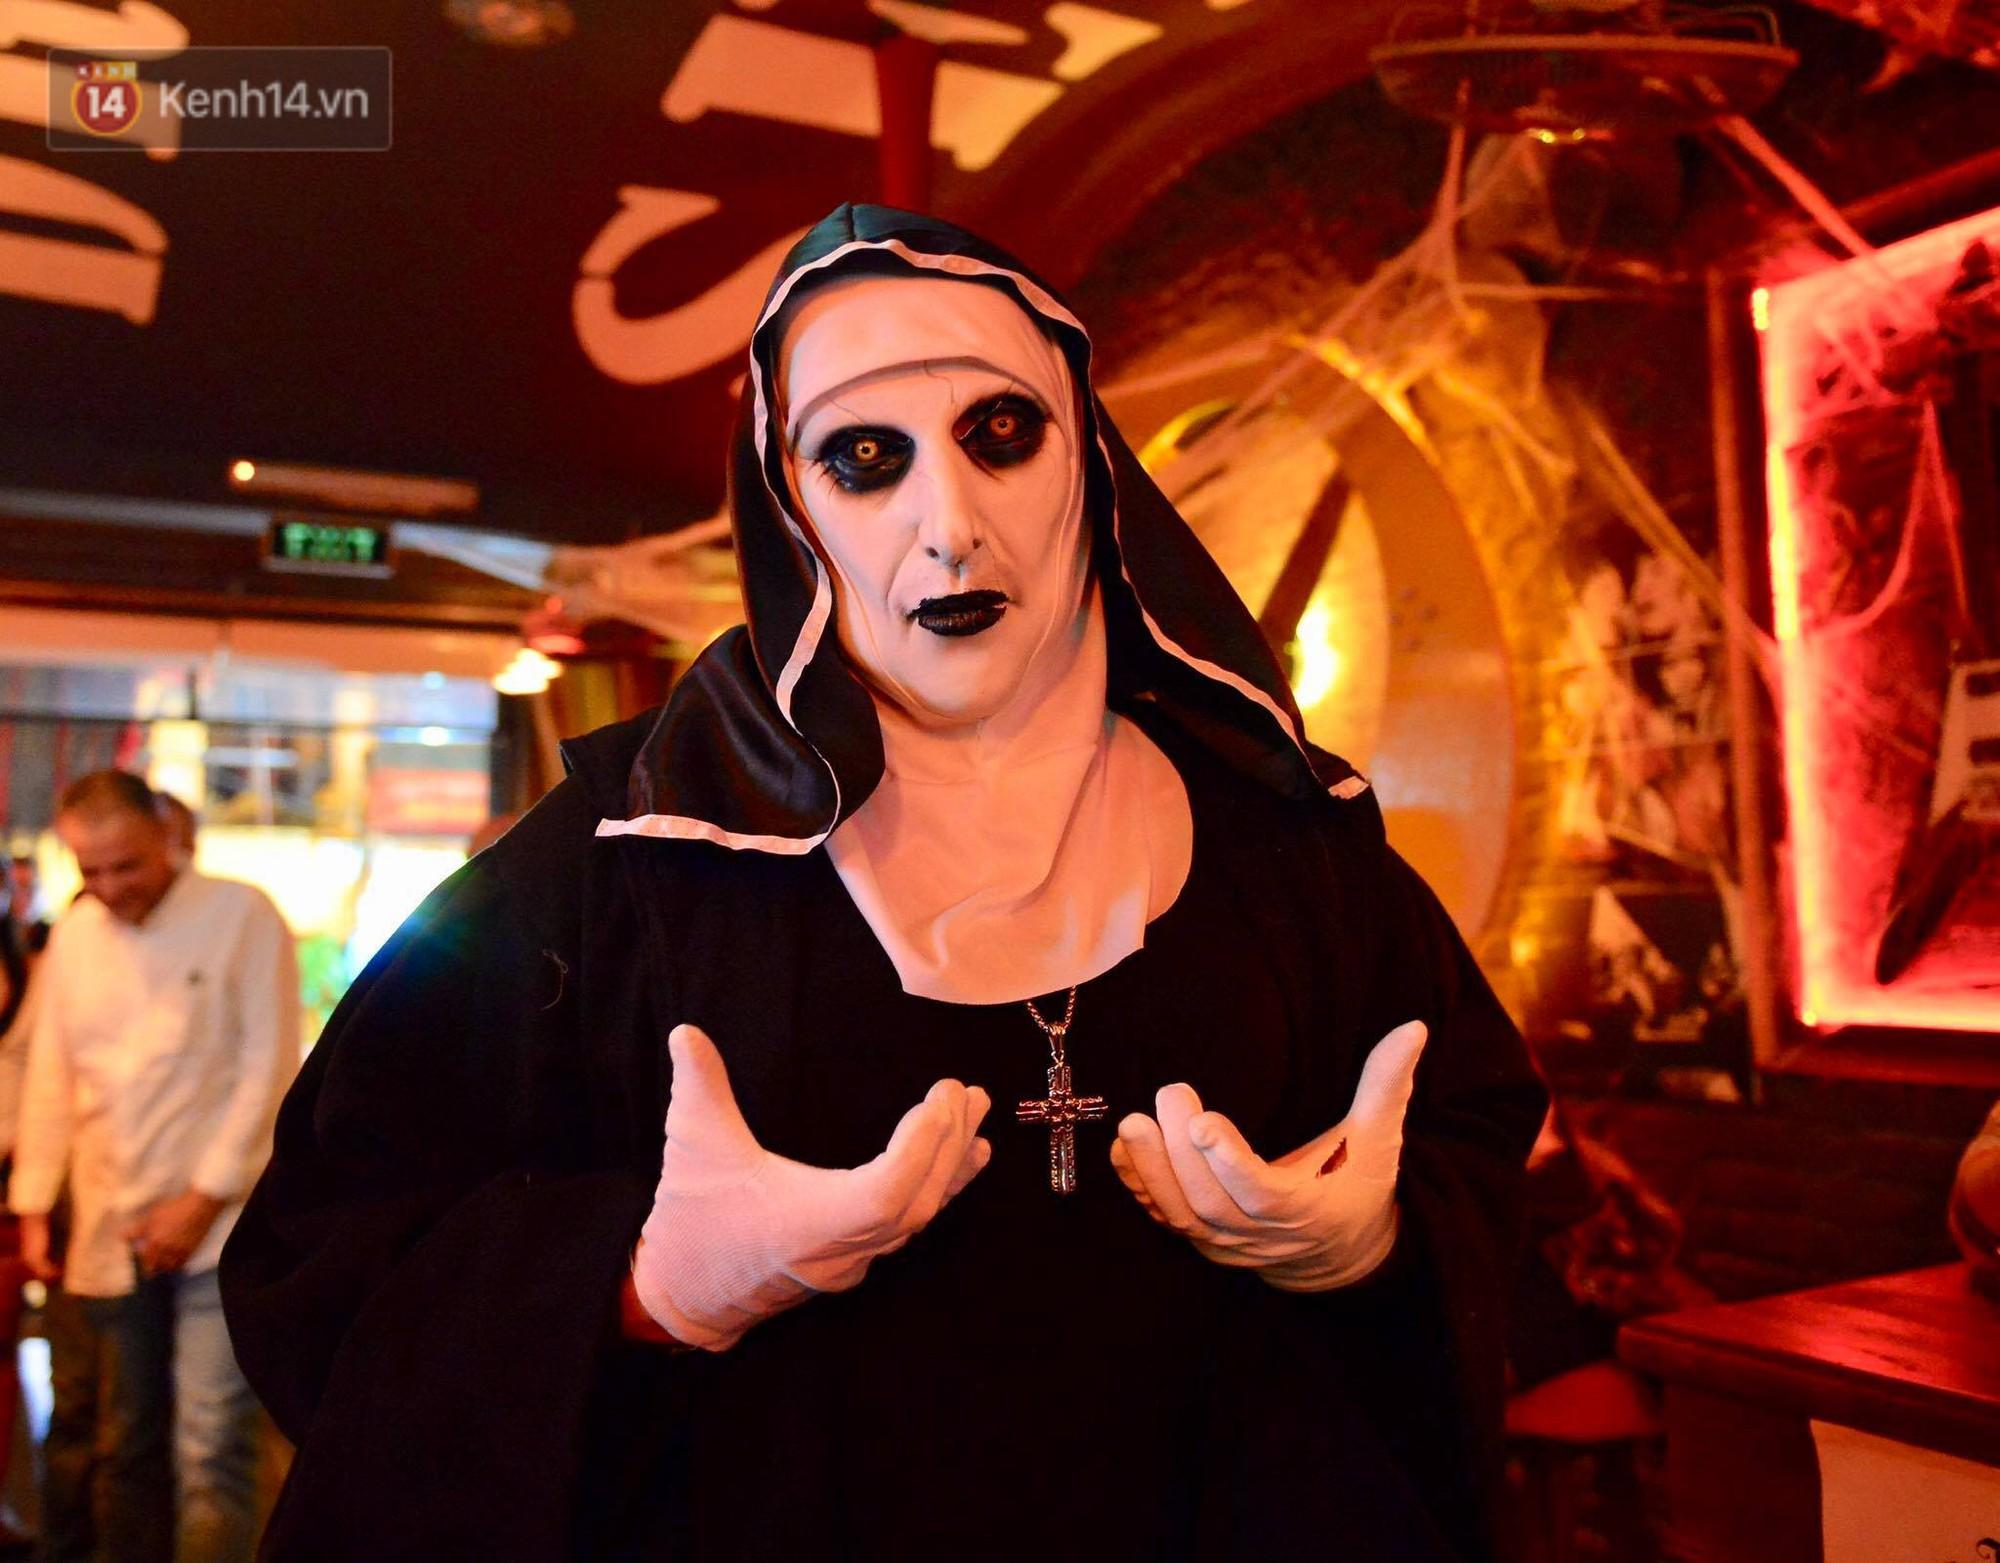 Chùm ảnh: Chị Valak cùng các thây ma đã dạo chơi phố Tây Hà Nội dù 3 ngày nữa mới tới Halloween - Ảnh 1.